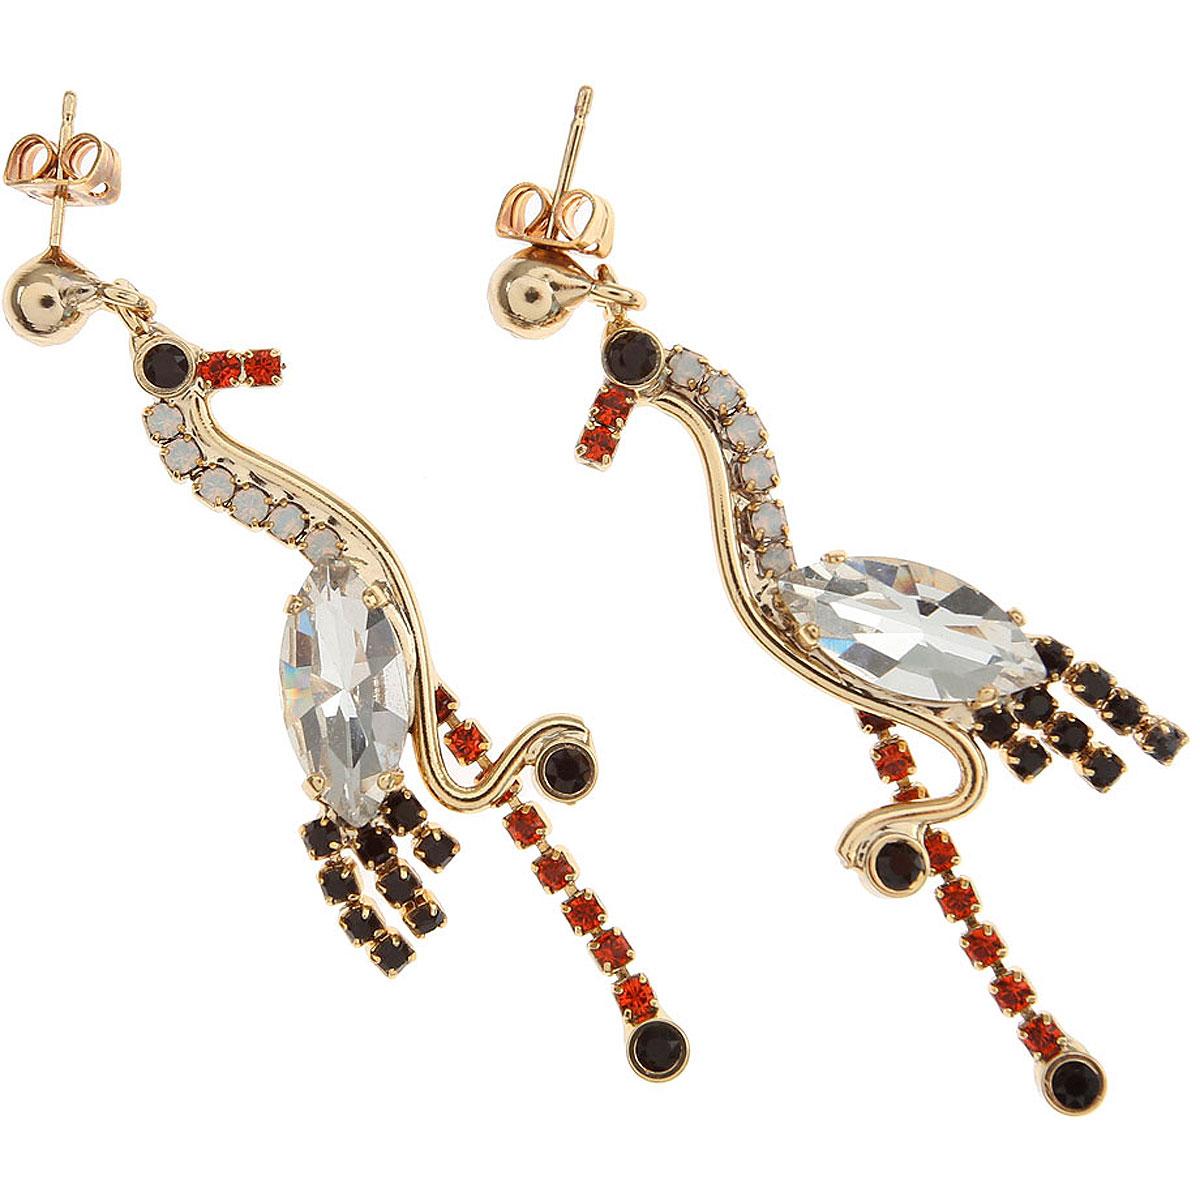 Dueci Bijoux Earrings for Women On Sale, Brass, Brass, 2019